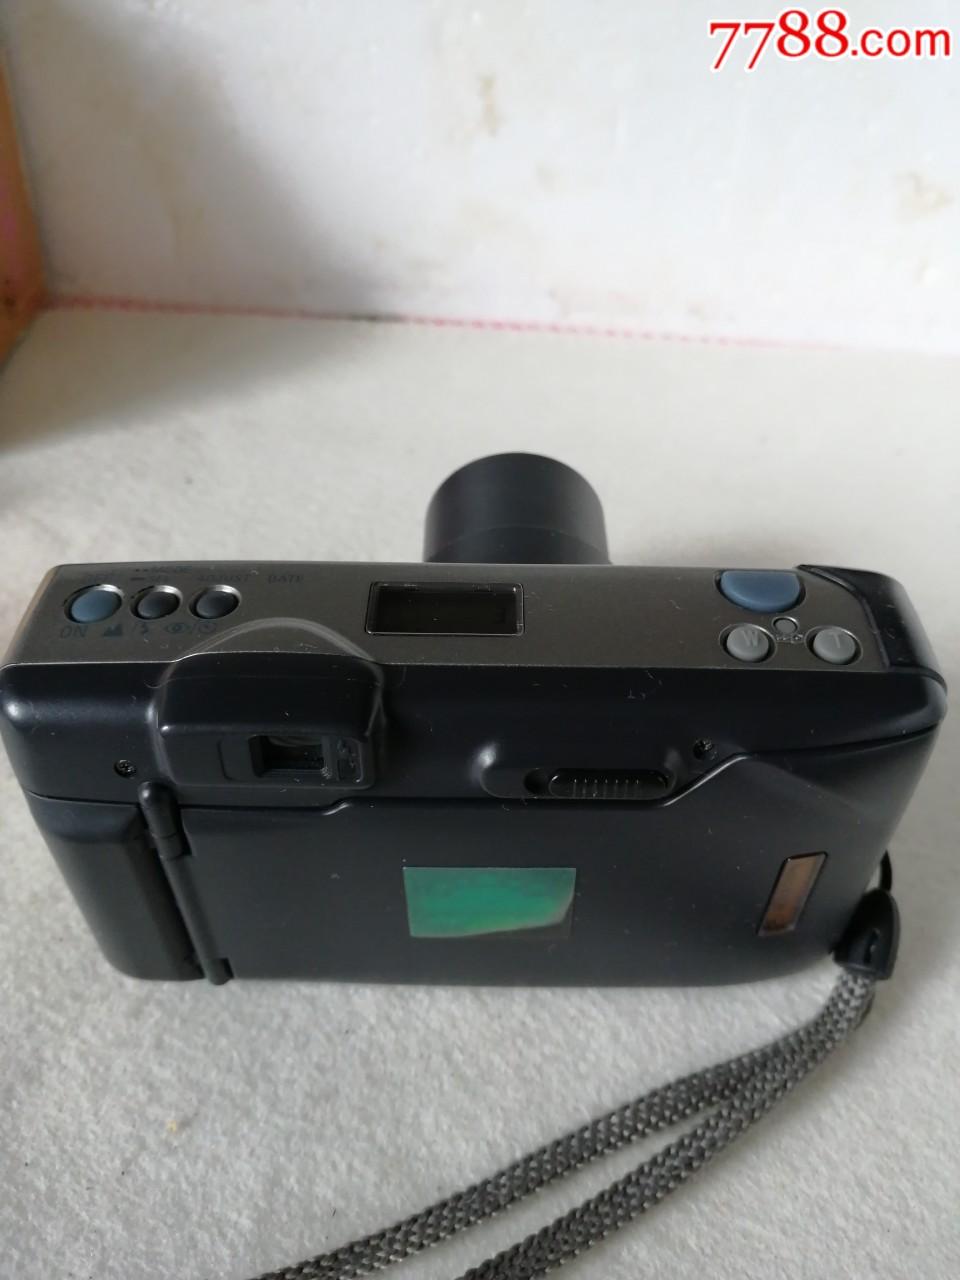 高级变焦尼康相机_价格192元_第5张_